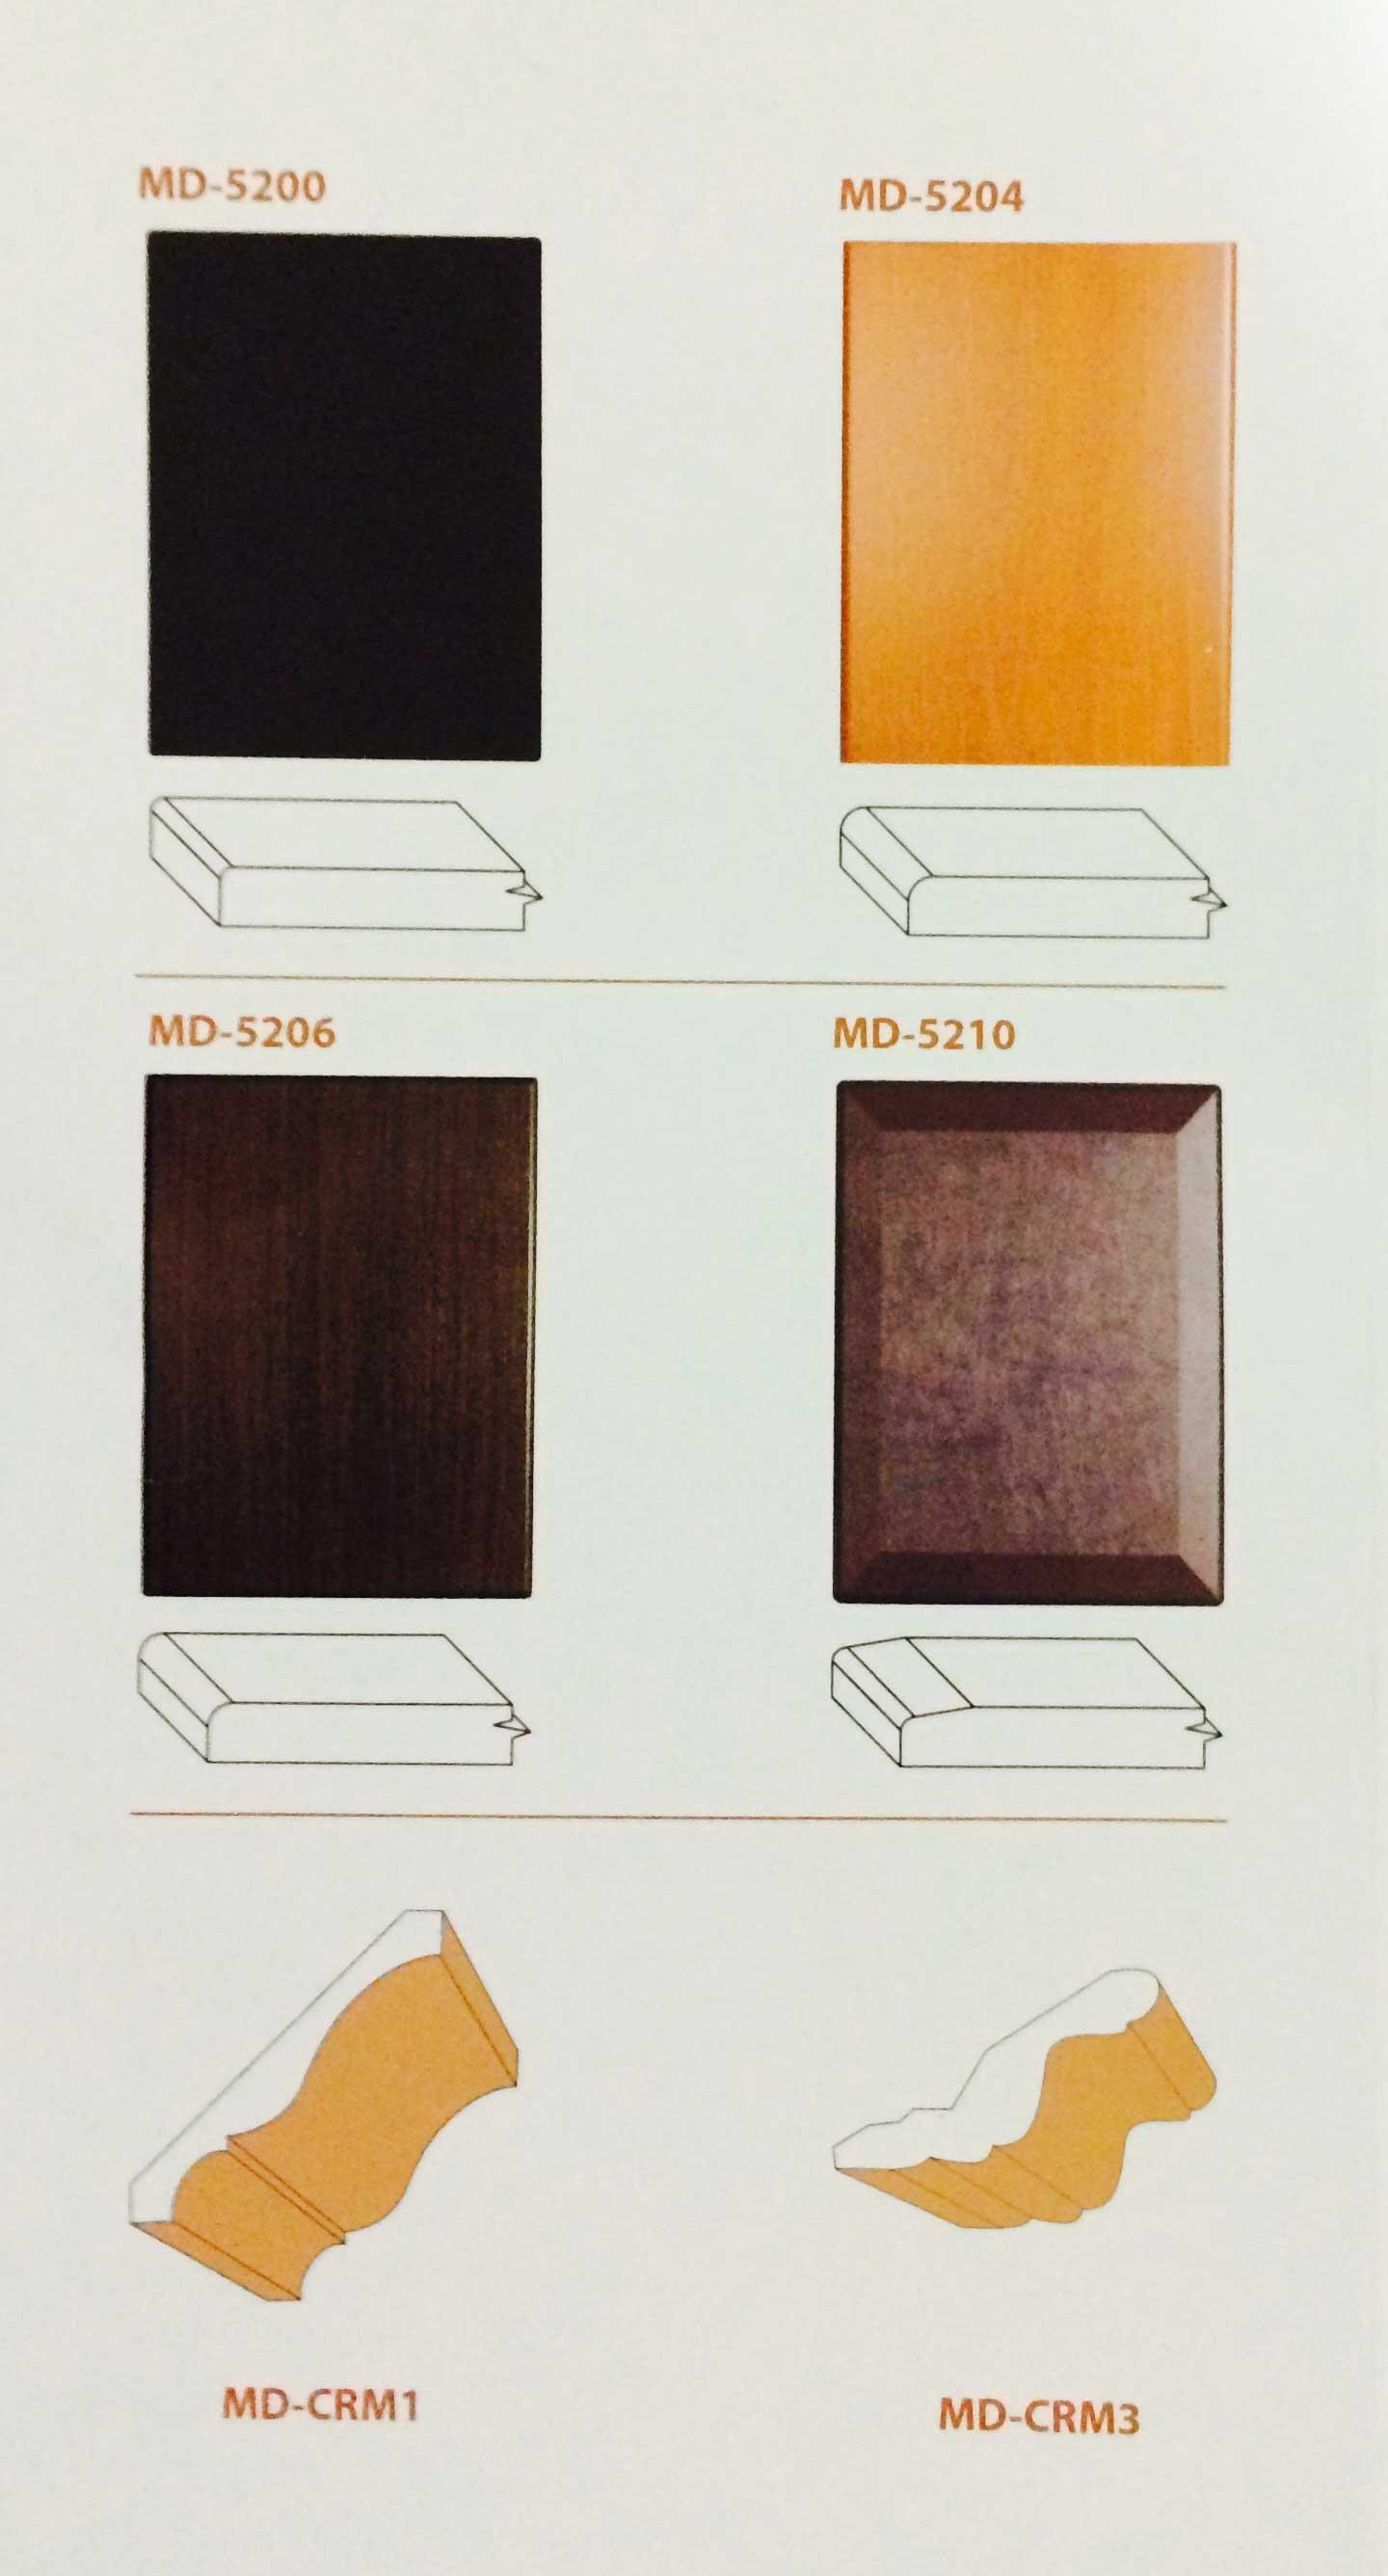 Calgary custom kitchen cabinets ltd door profiles prevnext eventelaan Image collections